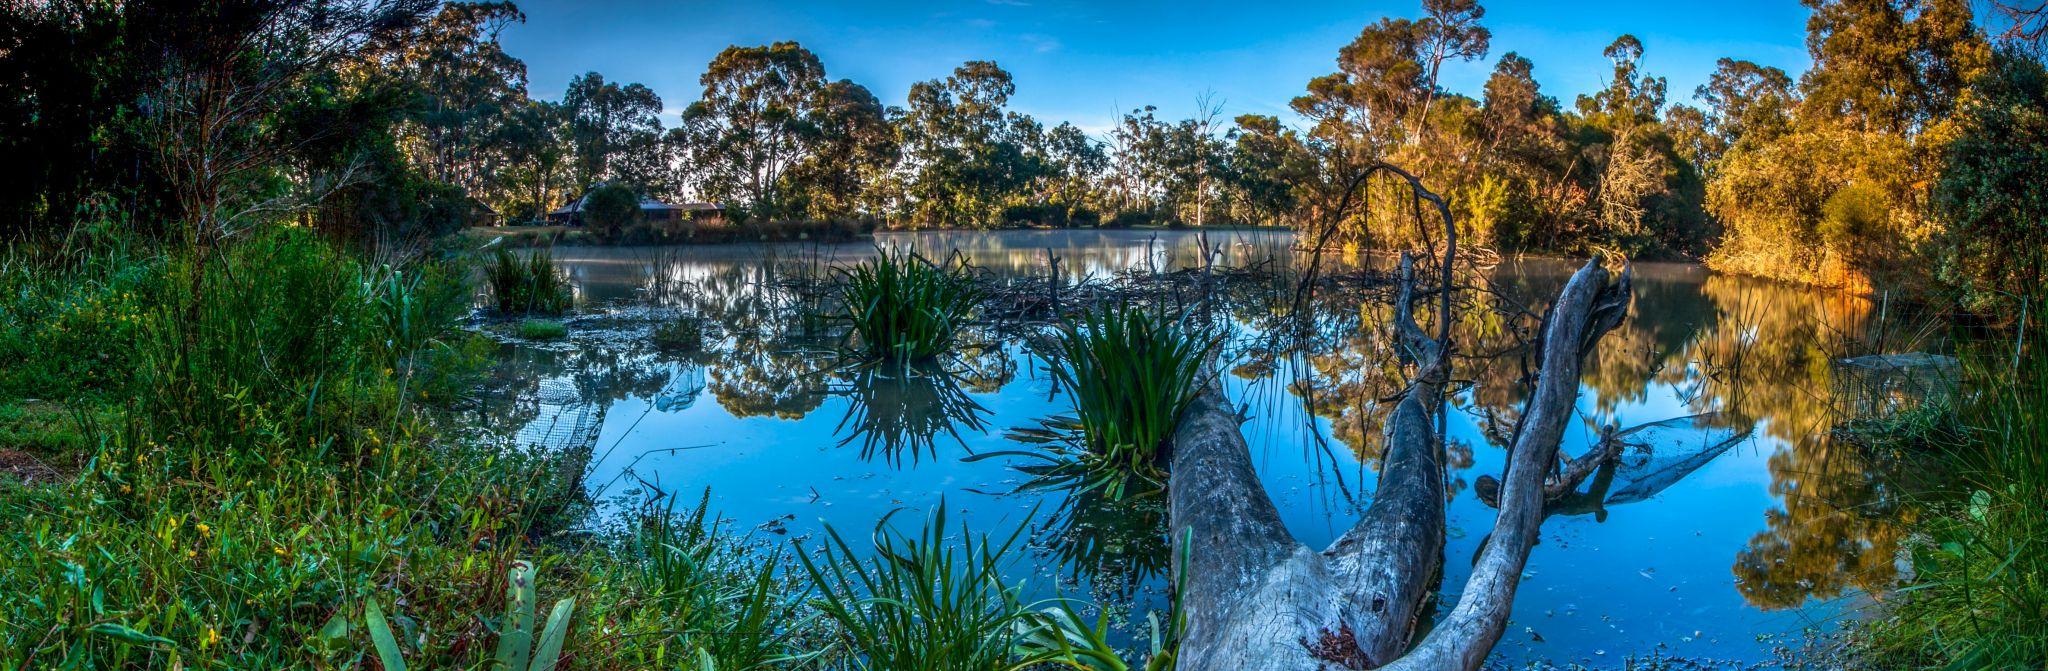 Billabong at Dixons Creek, Victoria, Australia